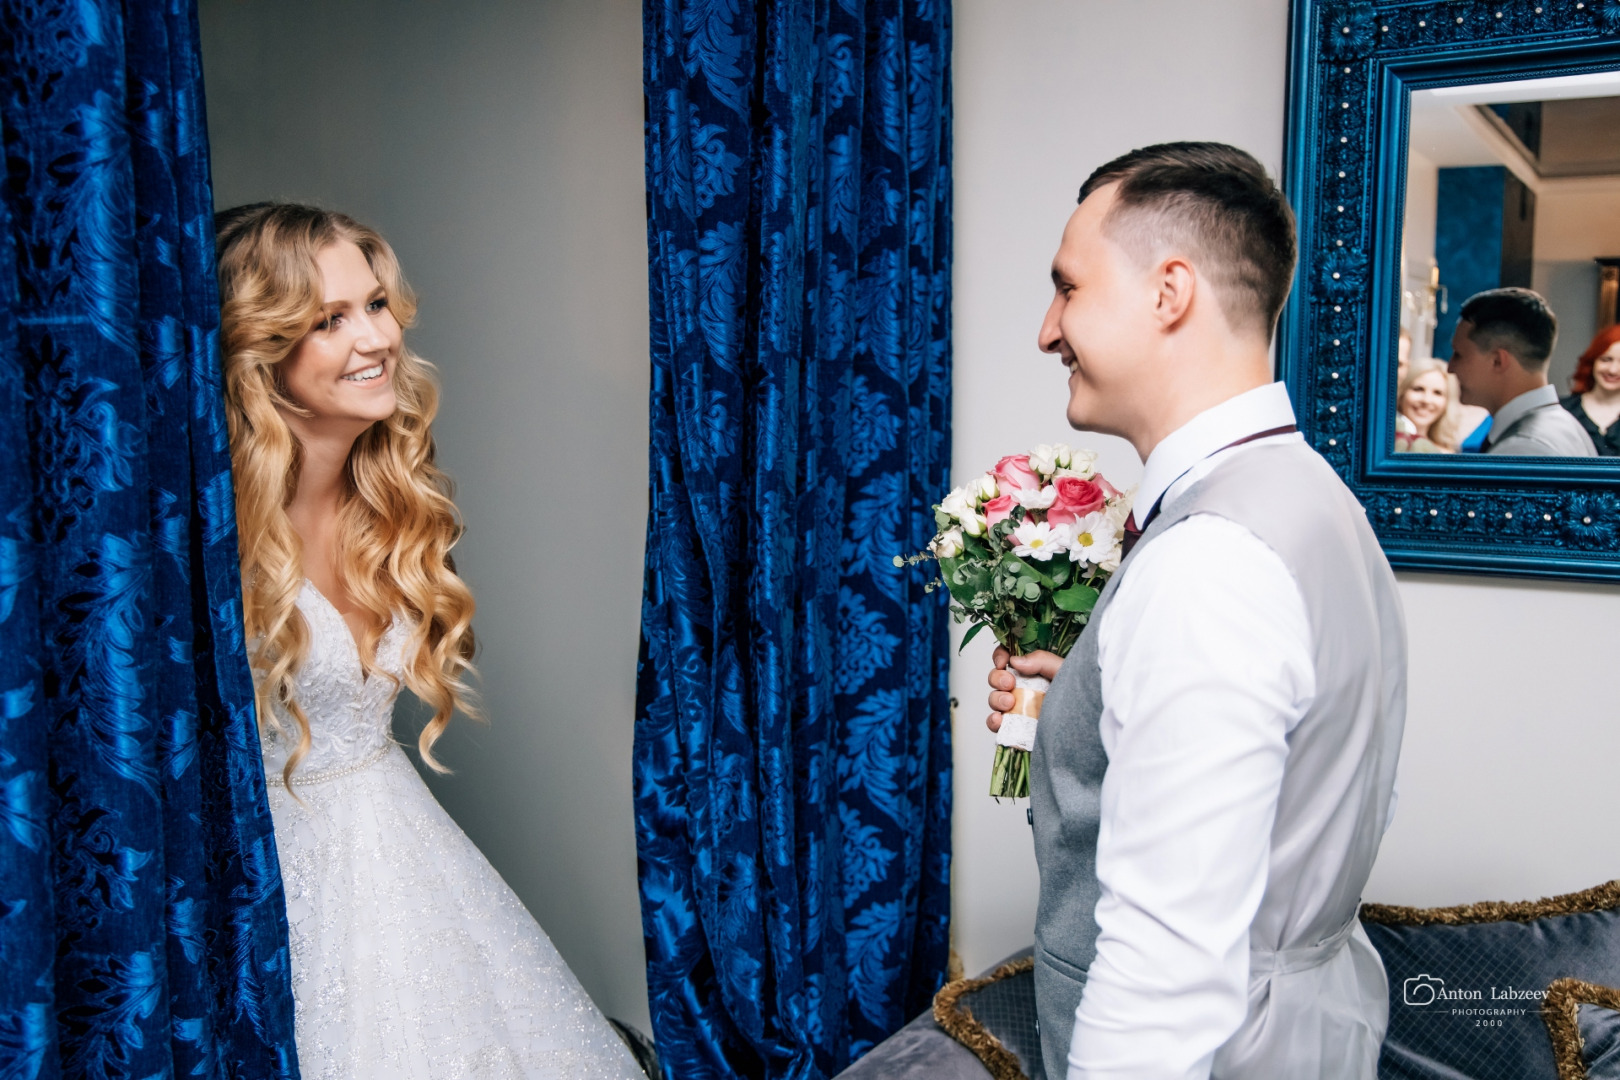 большинстве отзывы о свадебном фотографе пример мнению, фанатов